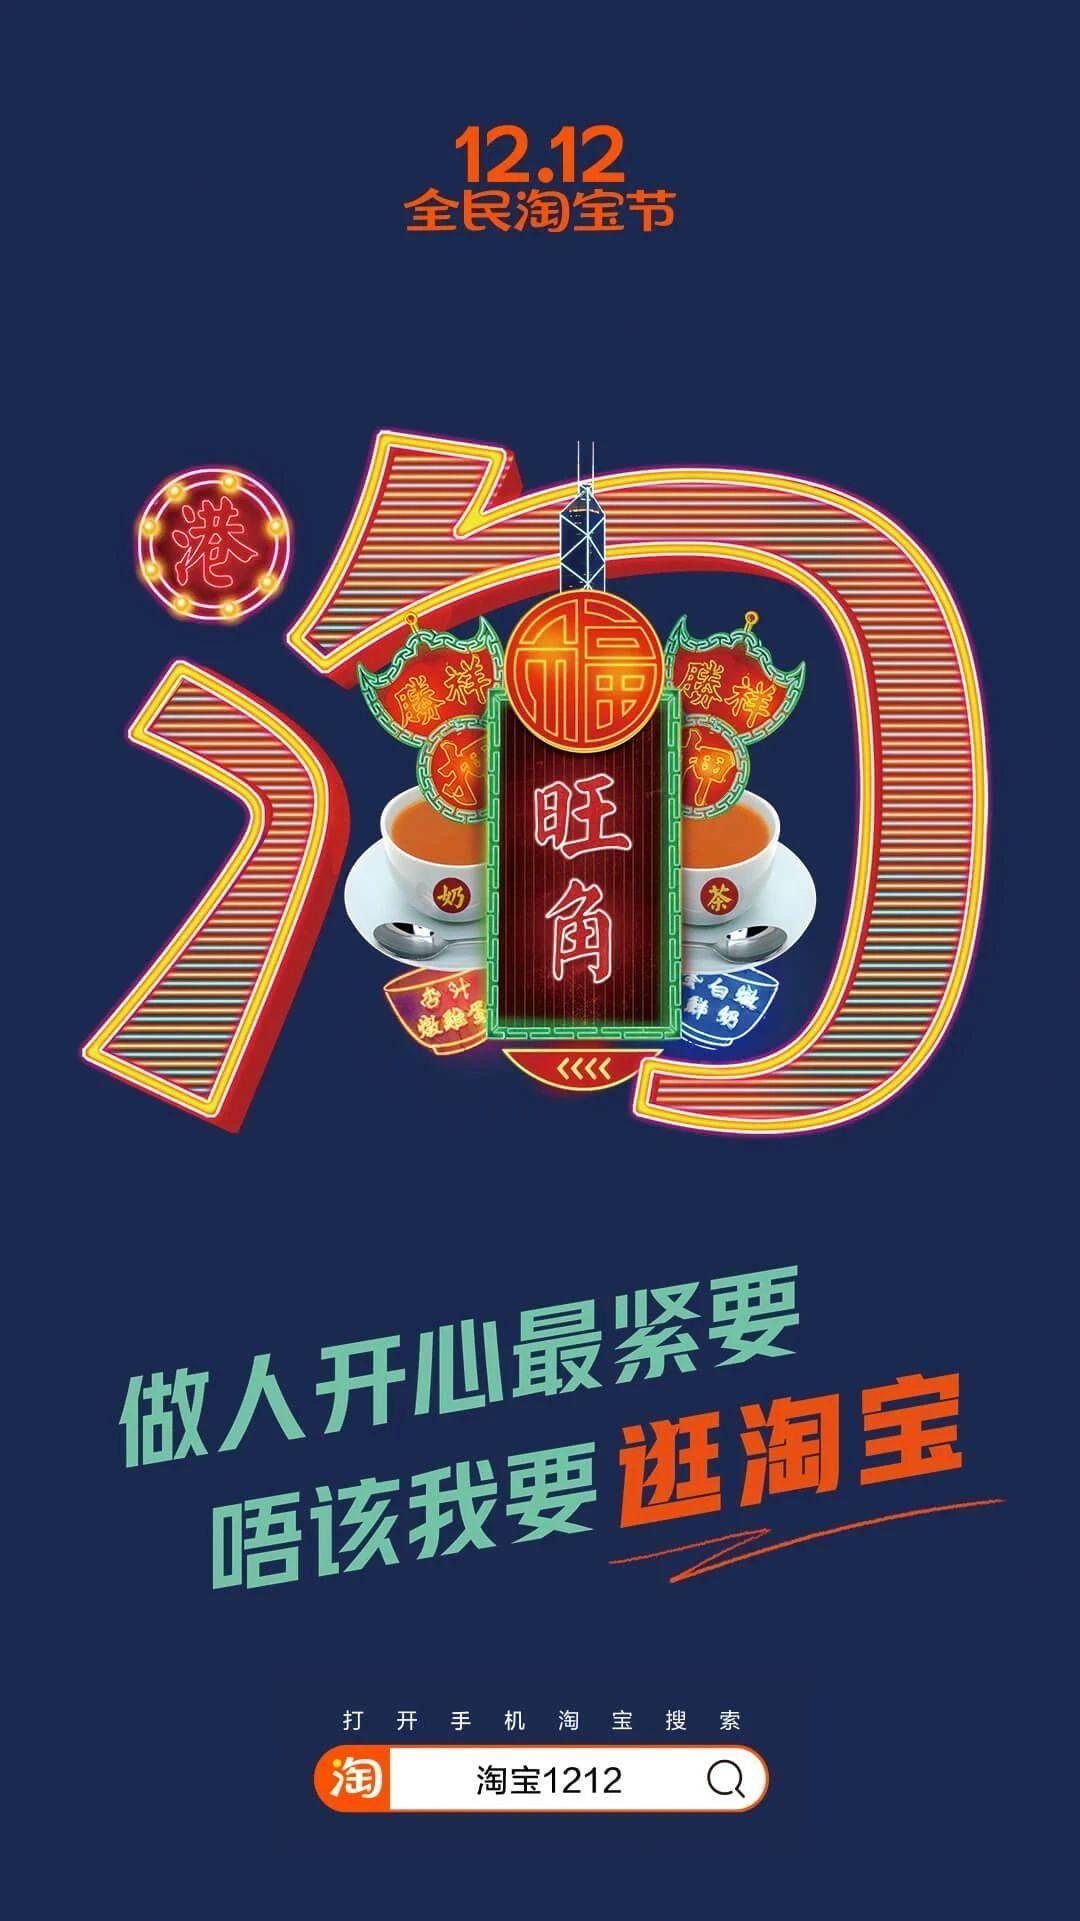 以中国34省市为主题,淘宝1212海报设计